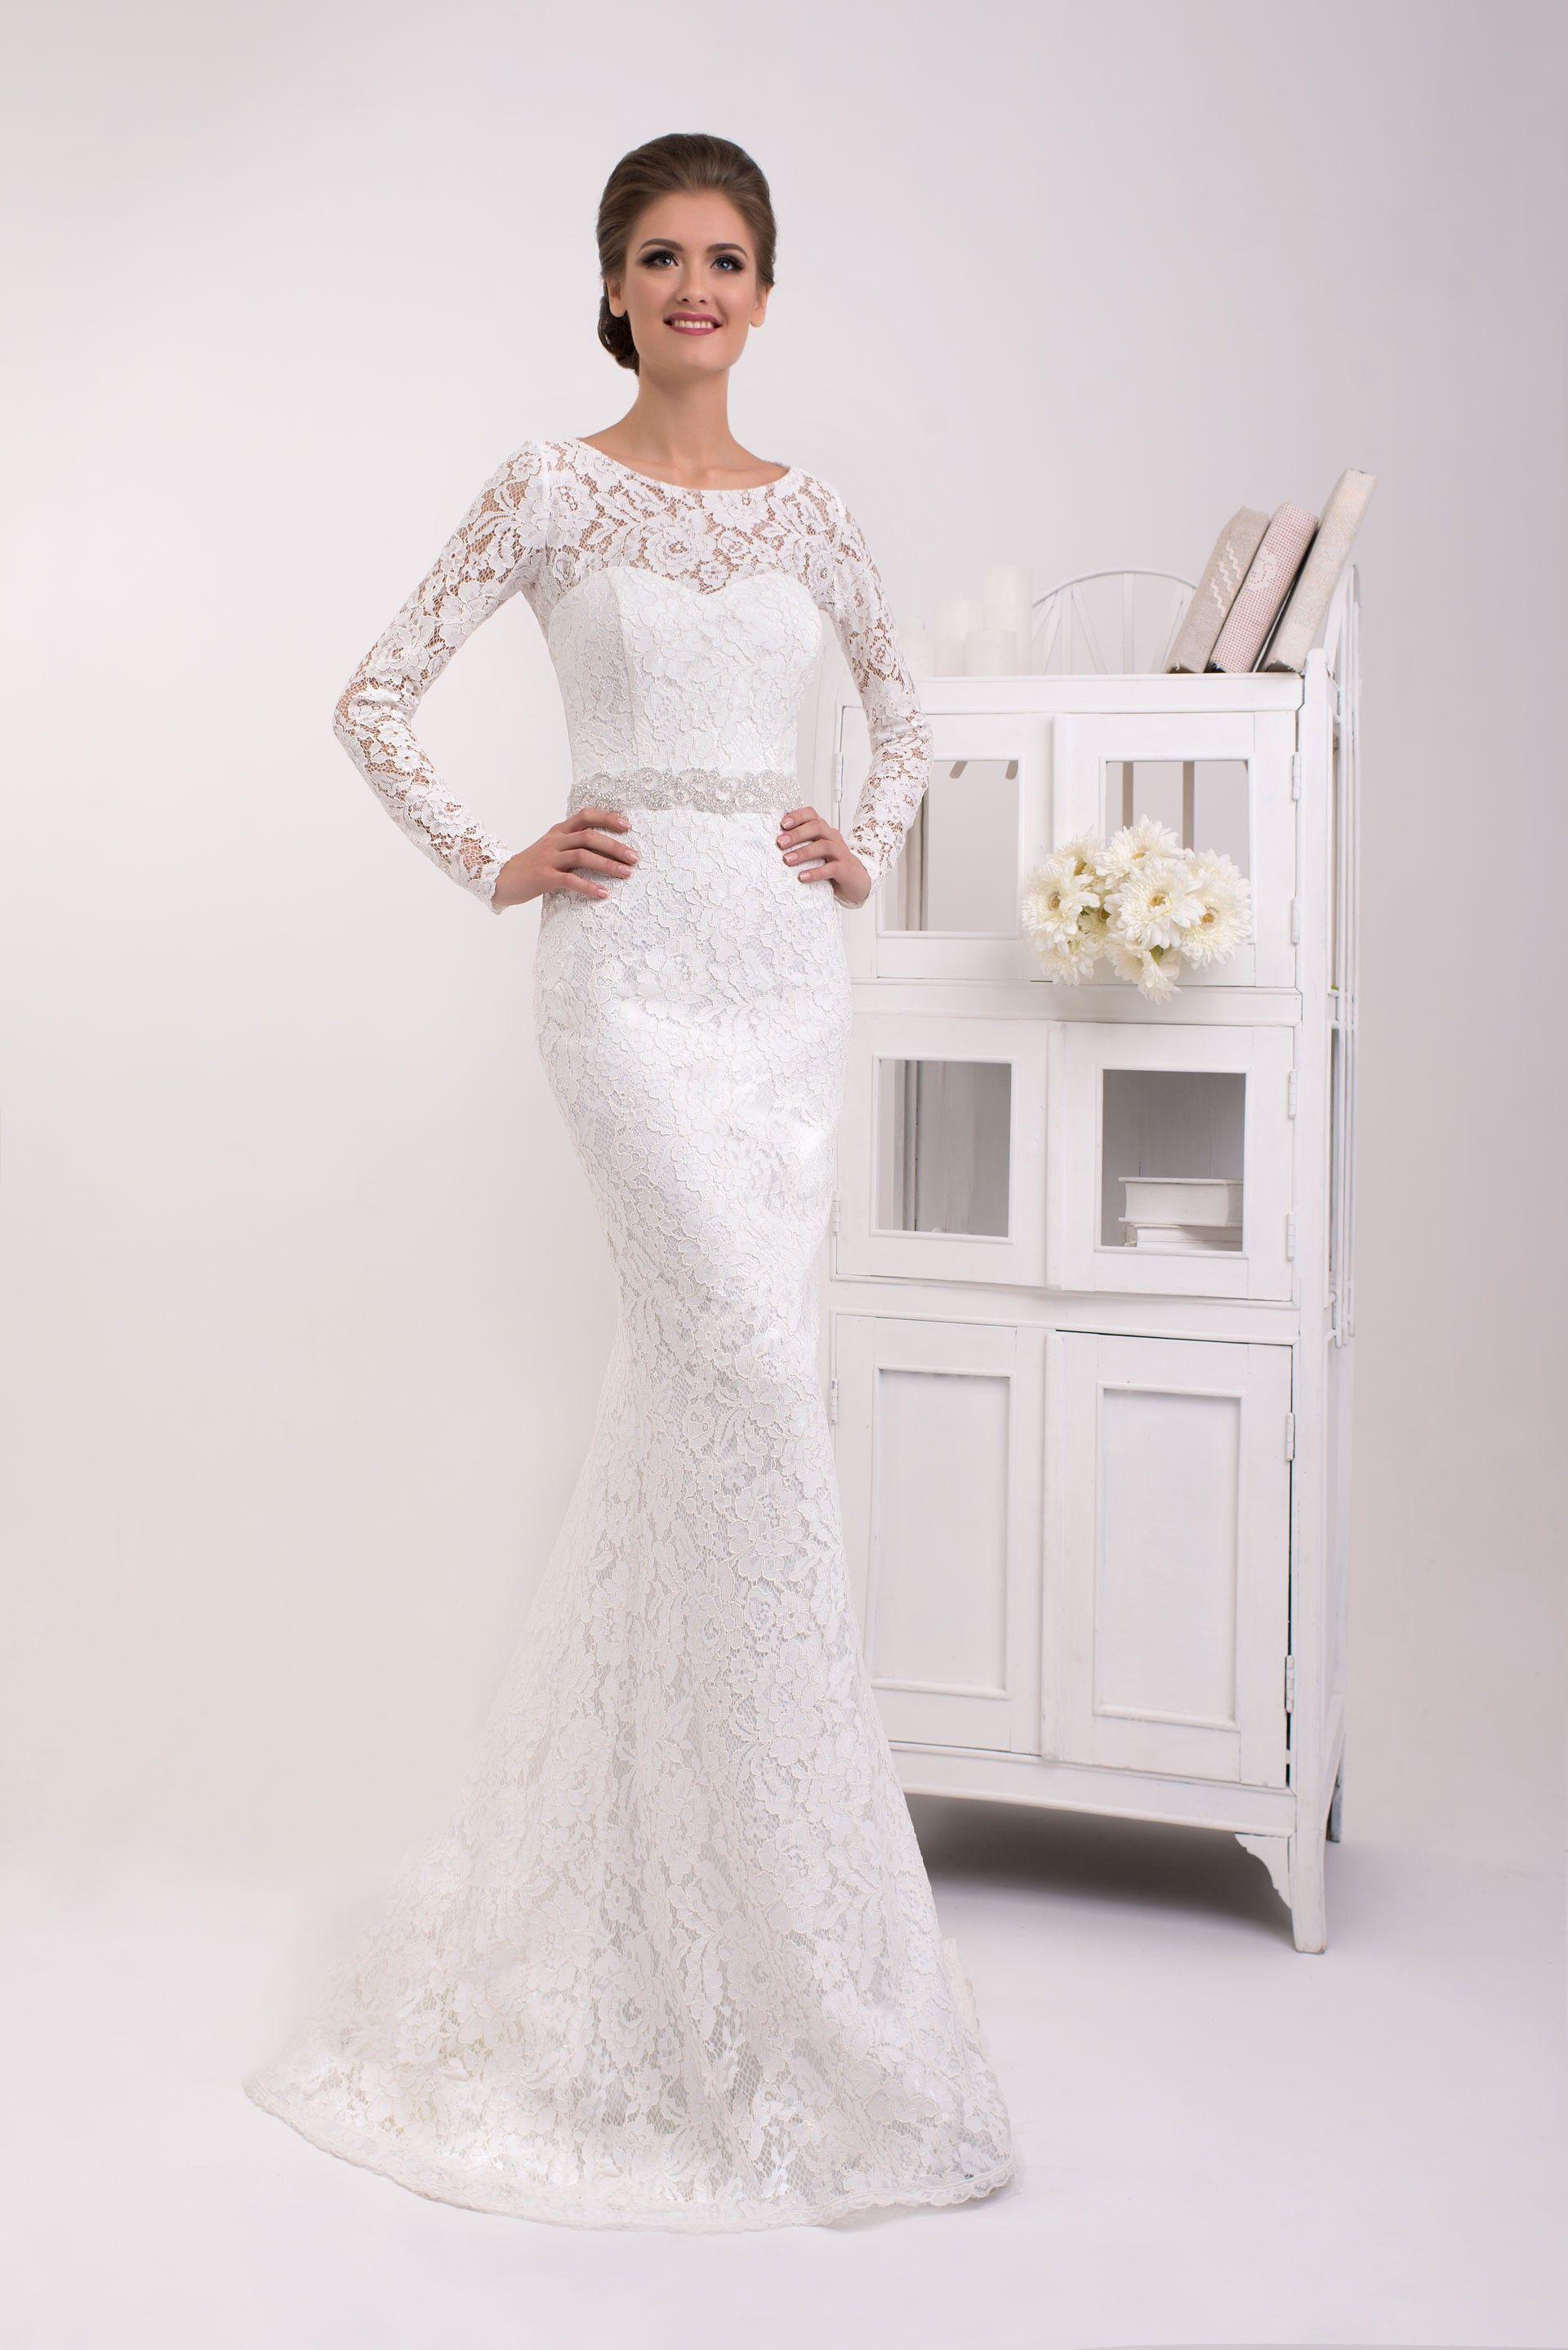 eaa08eae9c9c Krásne čipkované svadobné šaty v štýle morská panna zdobené opaskom ...